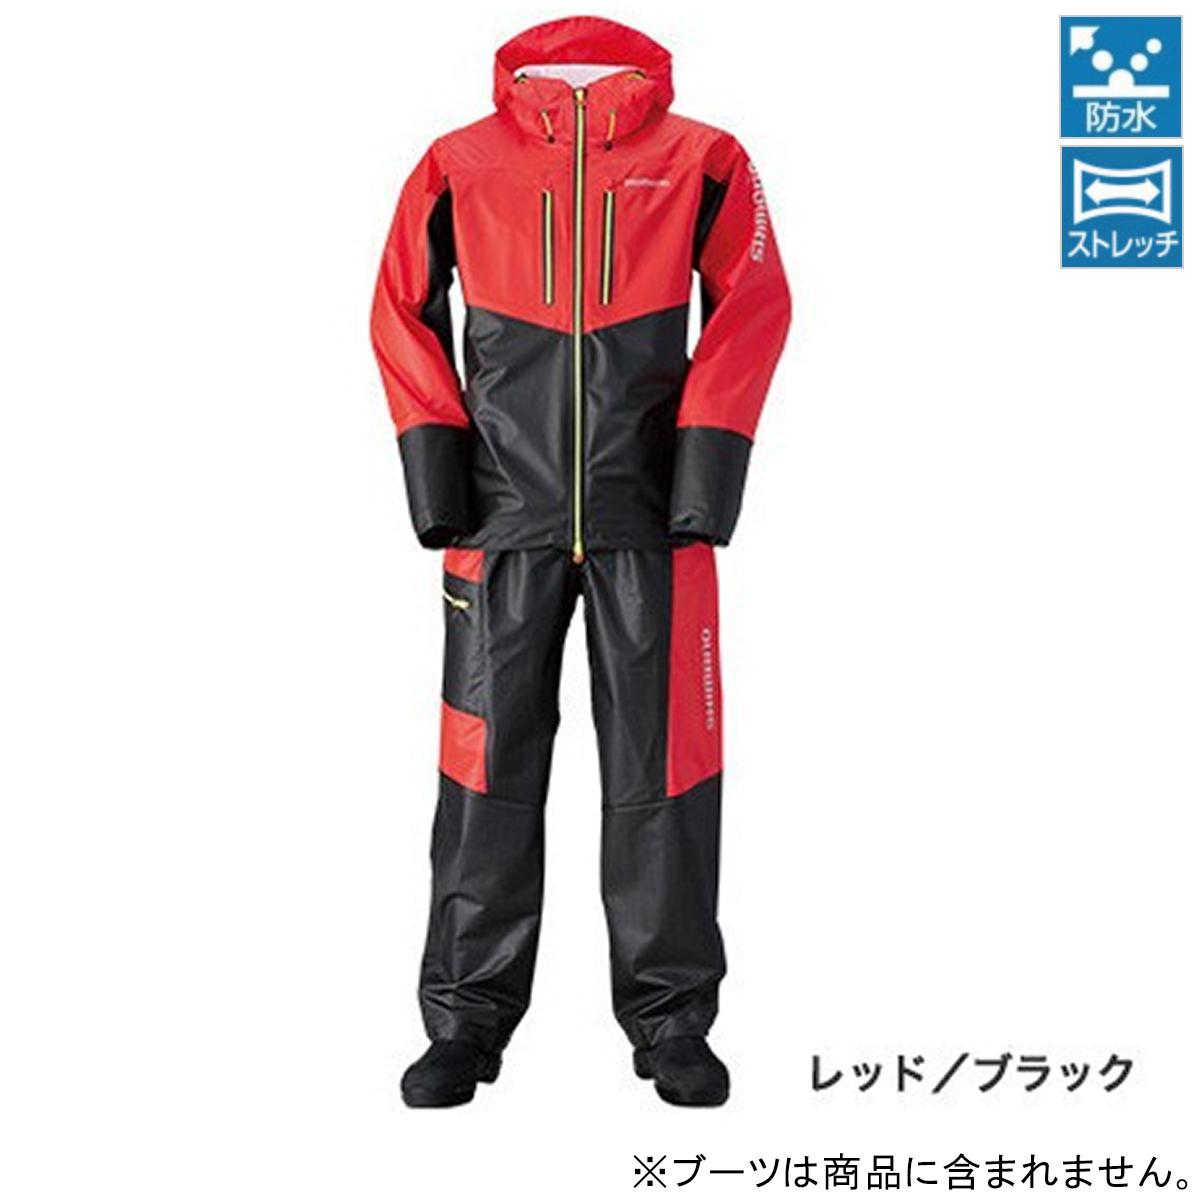 シマノ マリンライトスーツ RA-034N 2XL レッド/ブラック(東日本店)